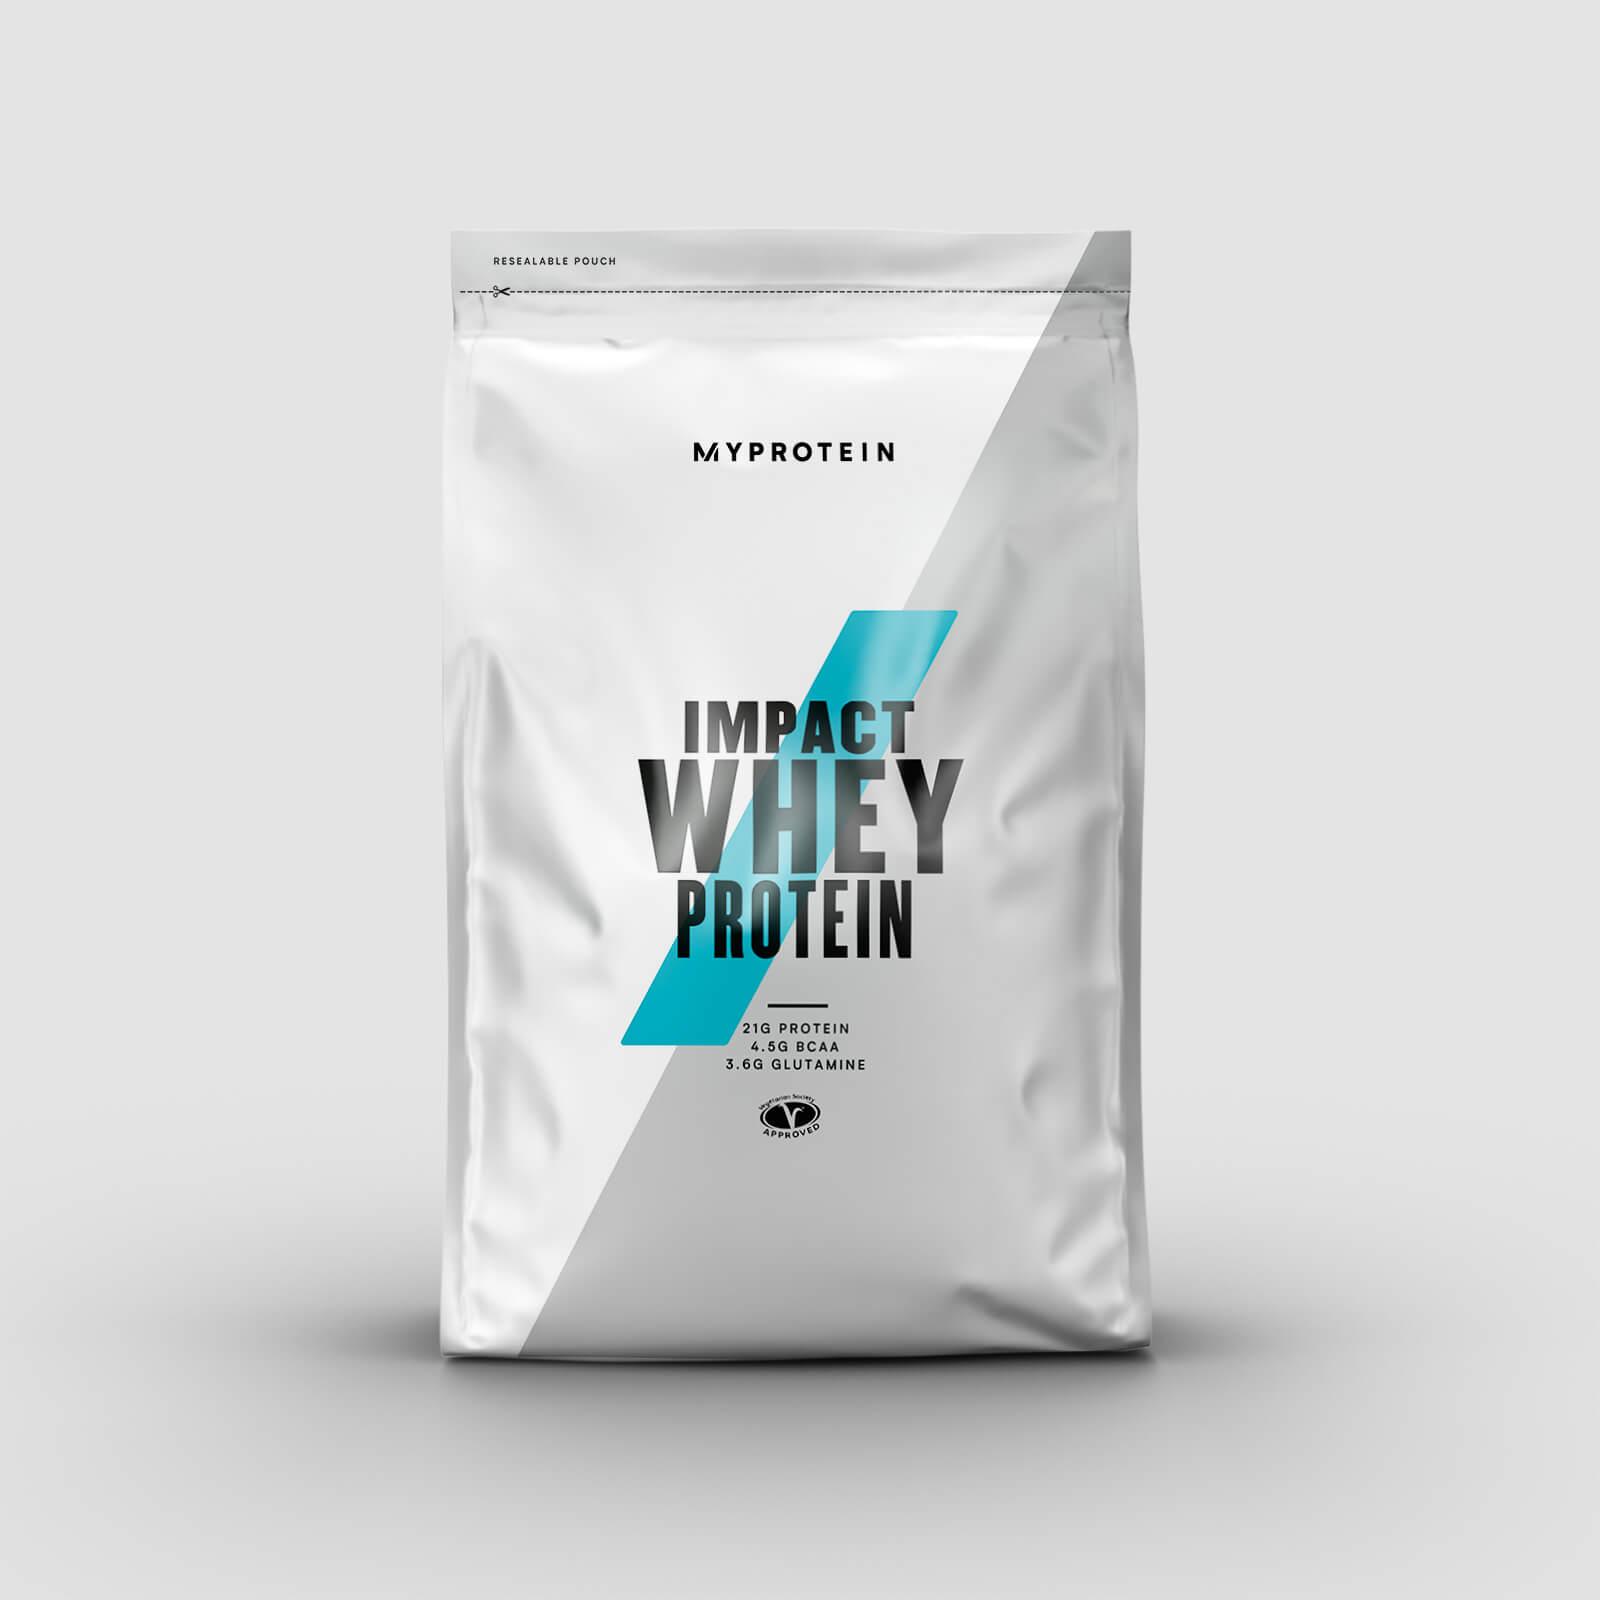 Myprotein Impact Whey Protein - 1kg - Caramel Brownie